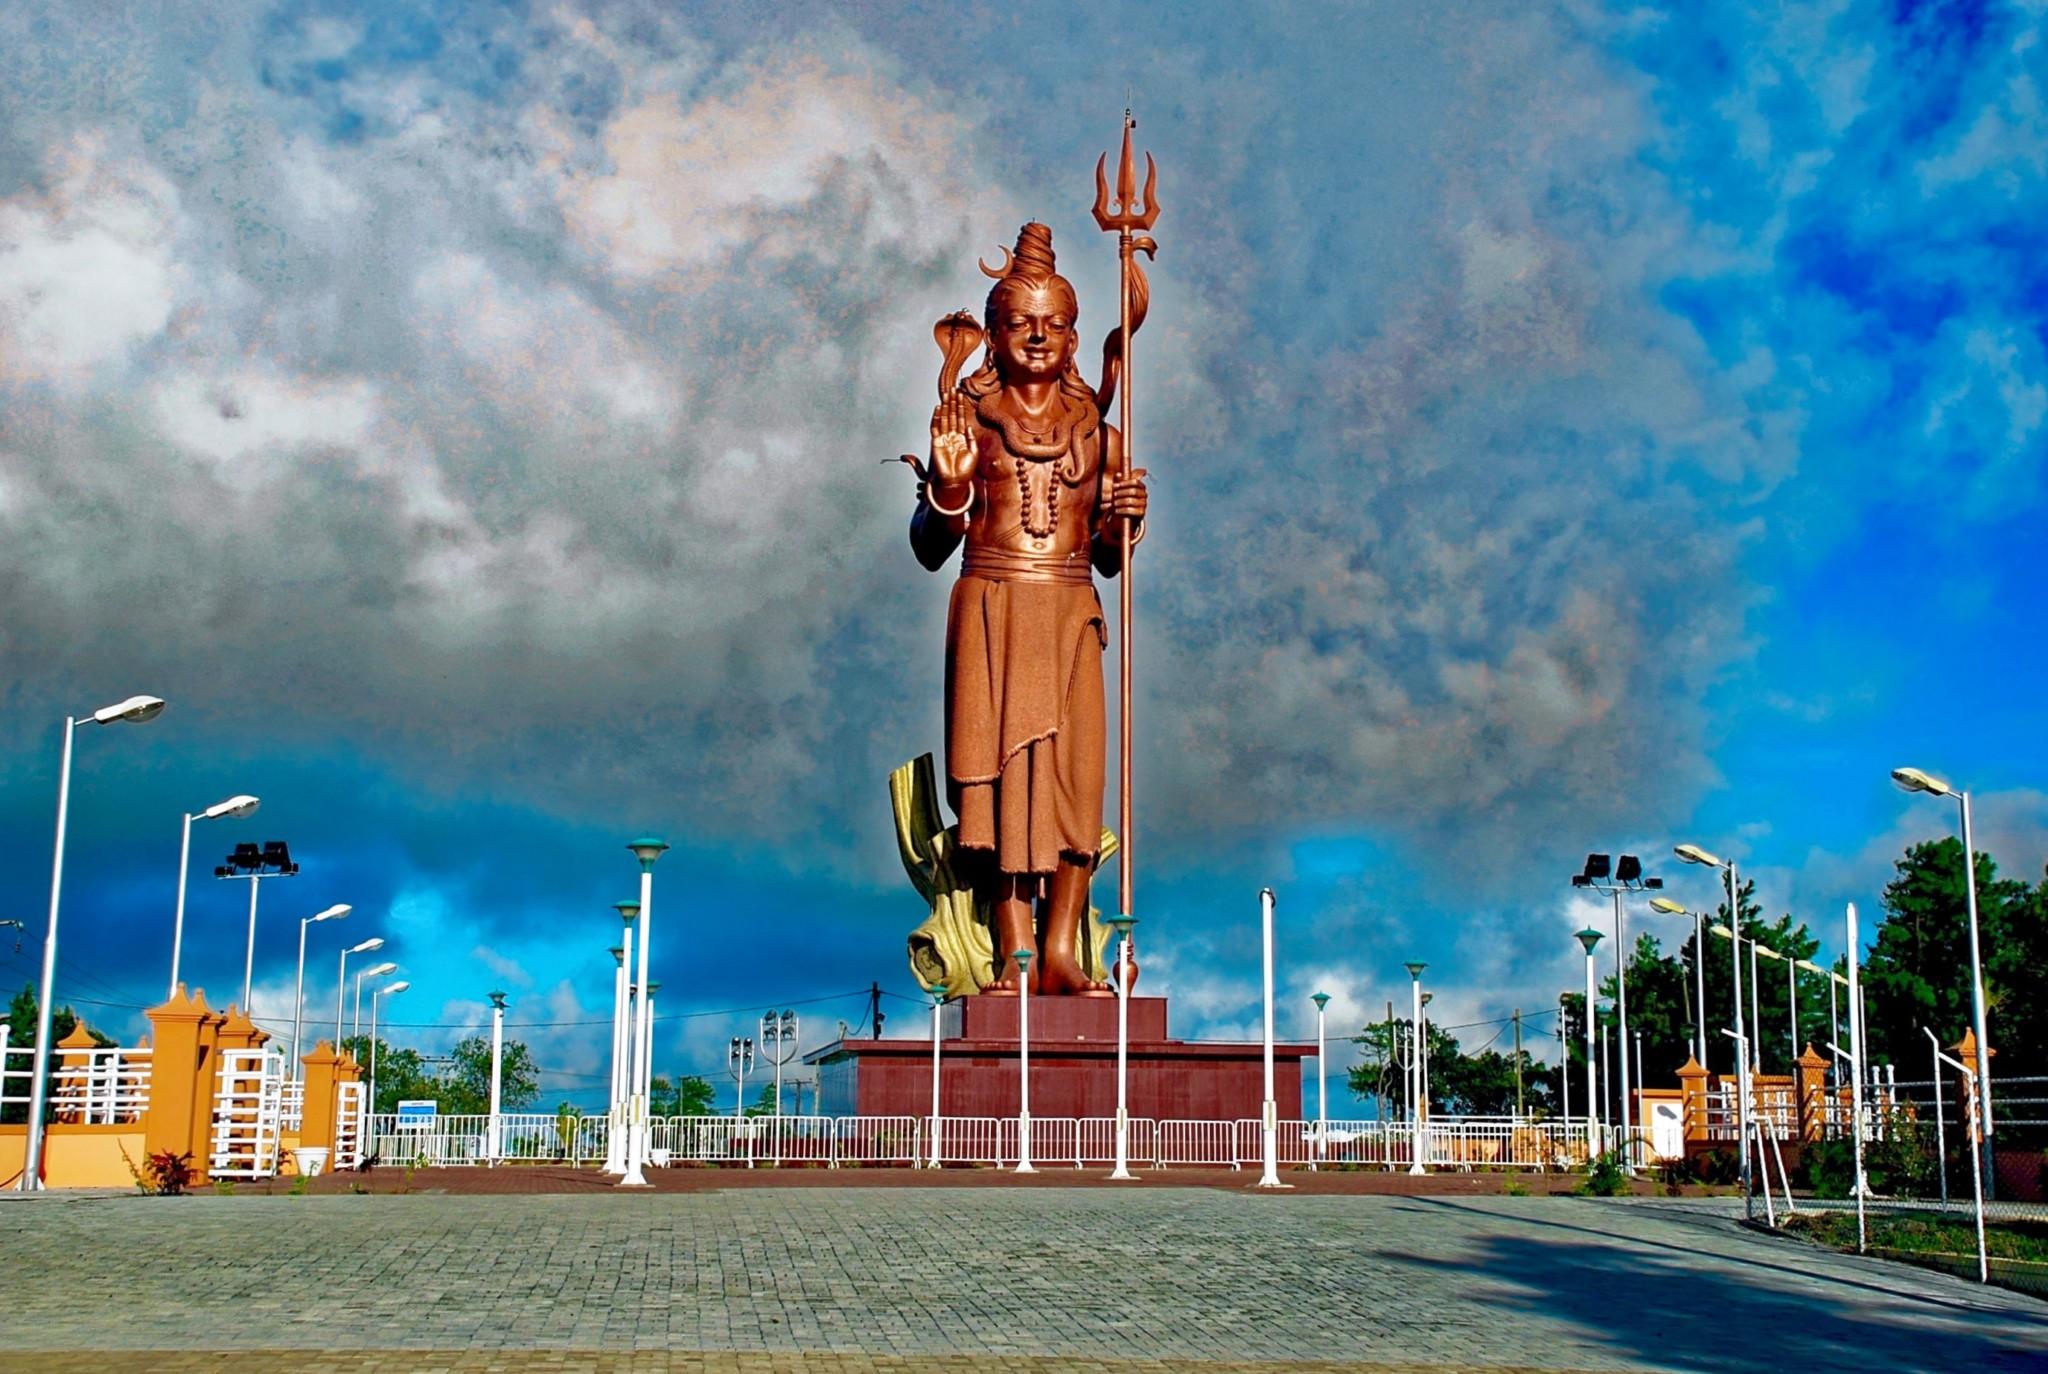 Shiva-Statue am Grand Bassin